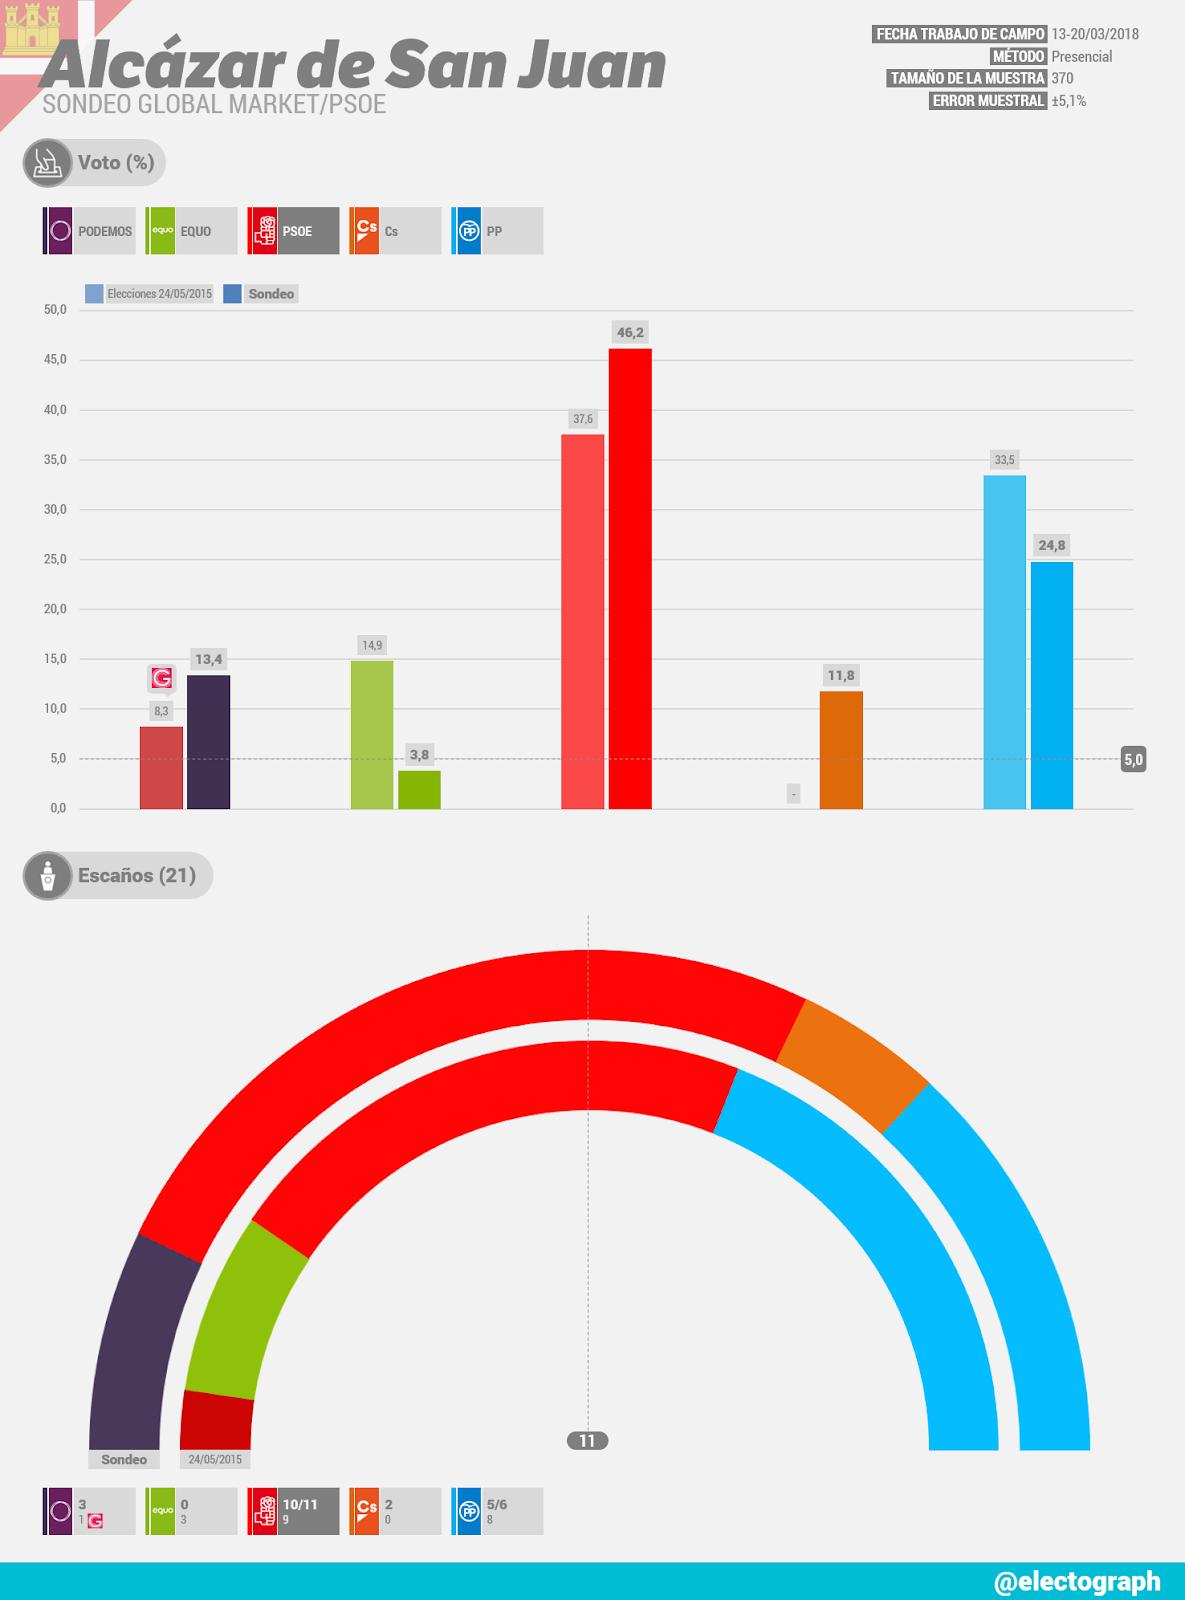 Gráfico de la encuesta para elecciones municipales en Alcázar de San Juan realizada por Global Market para el PSOE en marzo de 2018